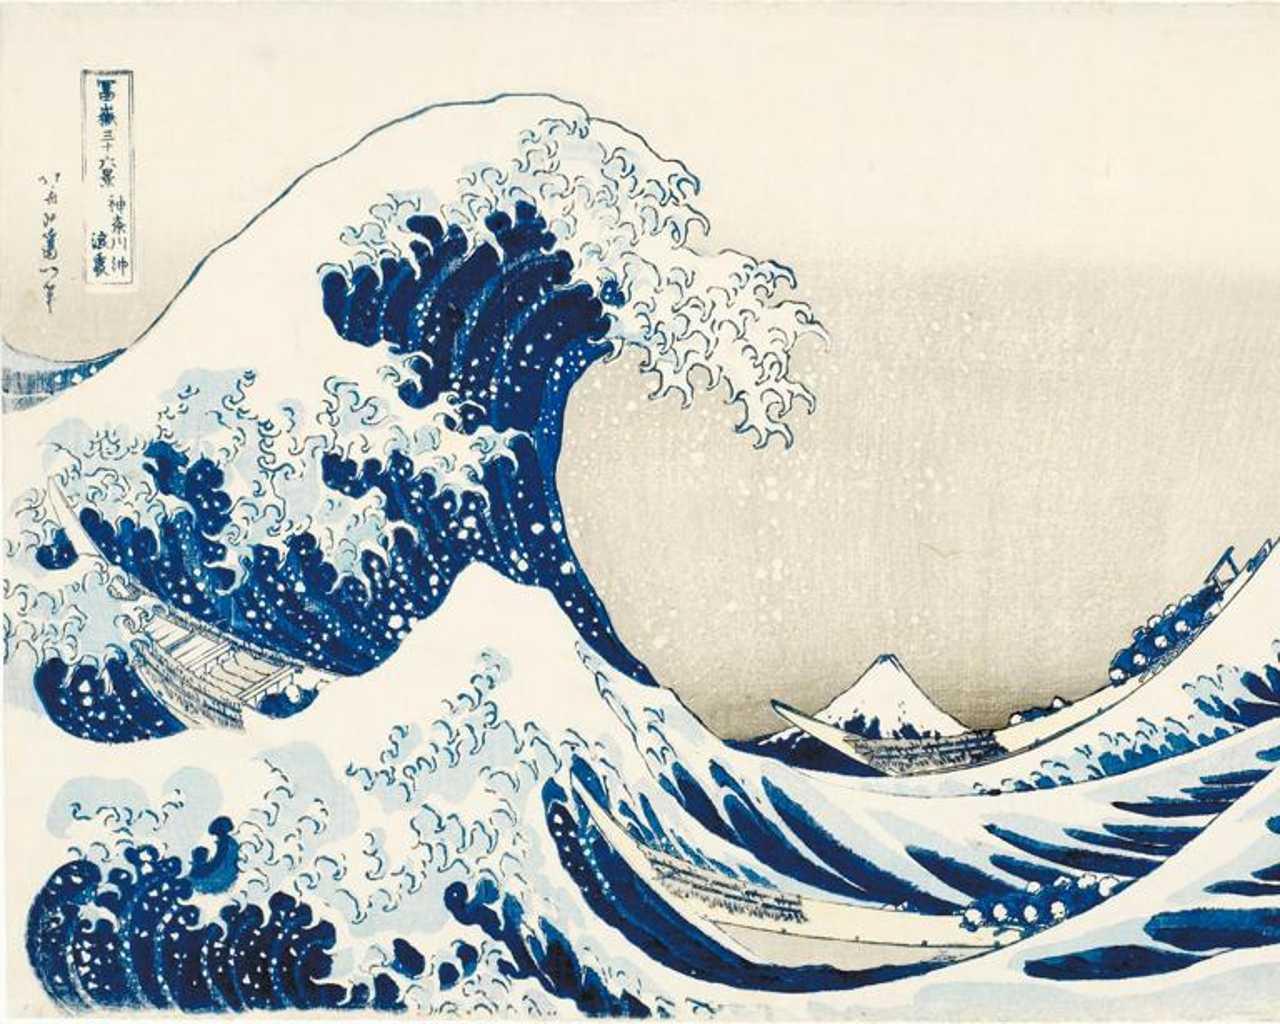 La Tranquilla Inquietudine Della Grande Onda Di Hokusai Corriereit